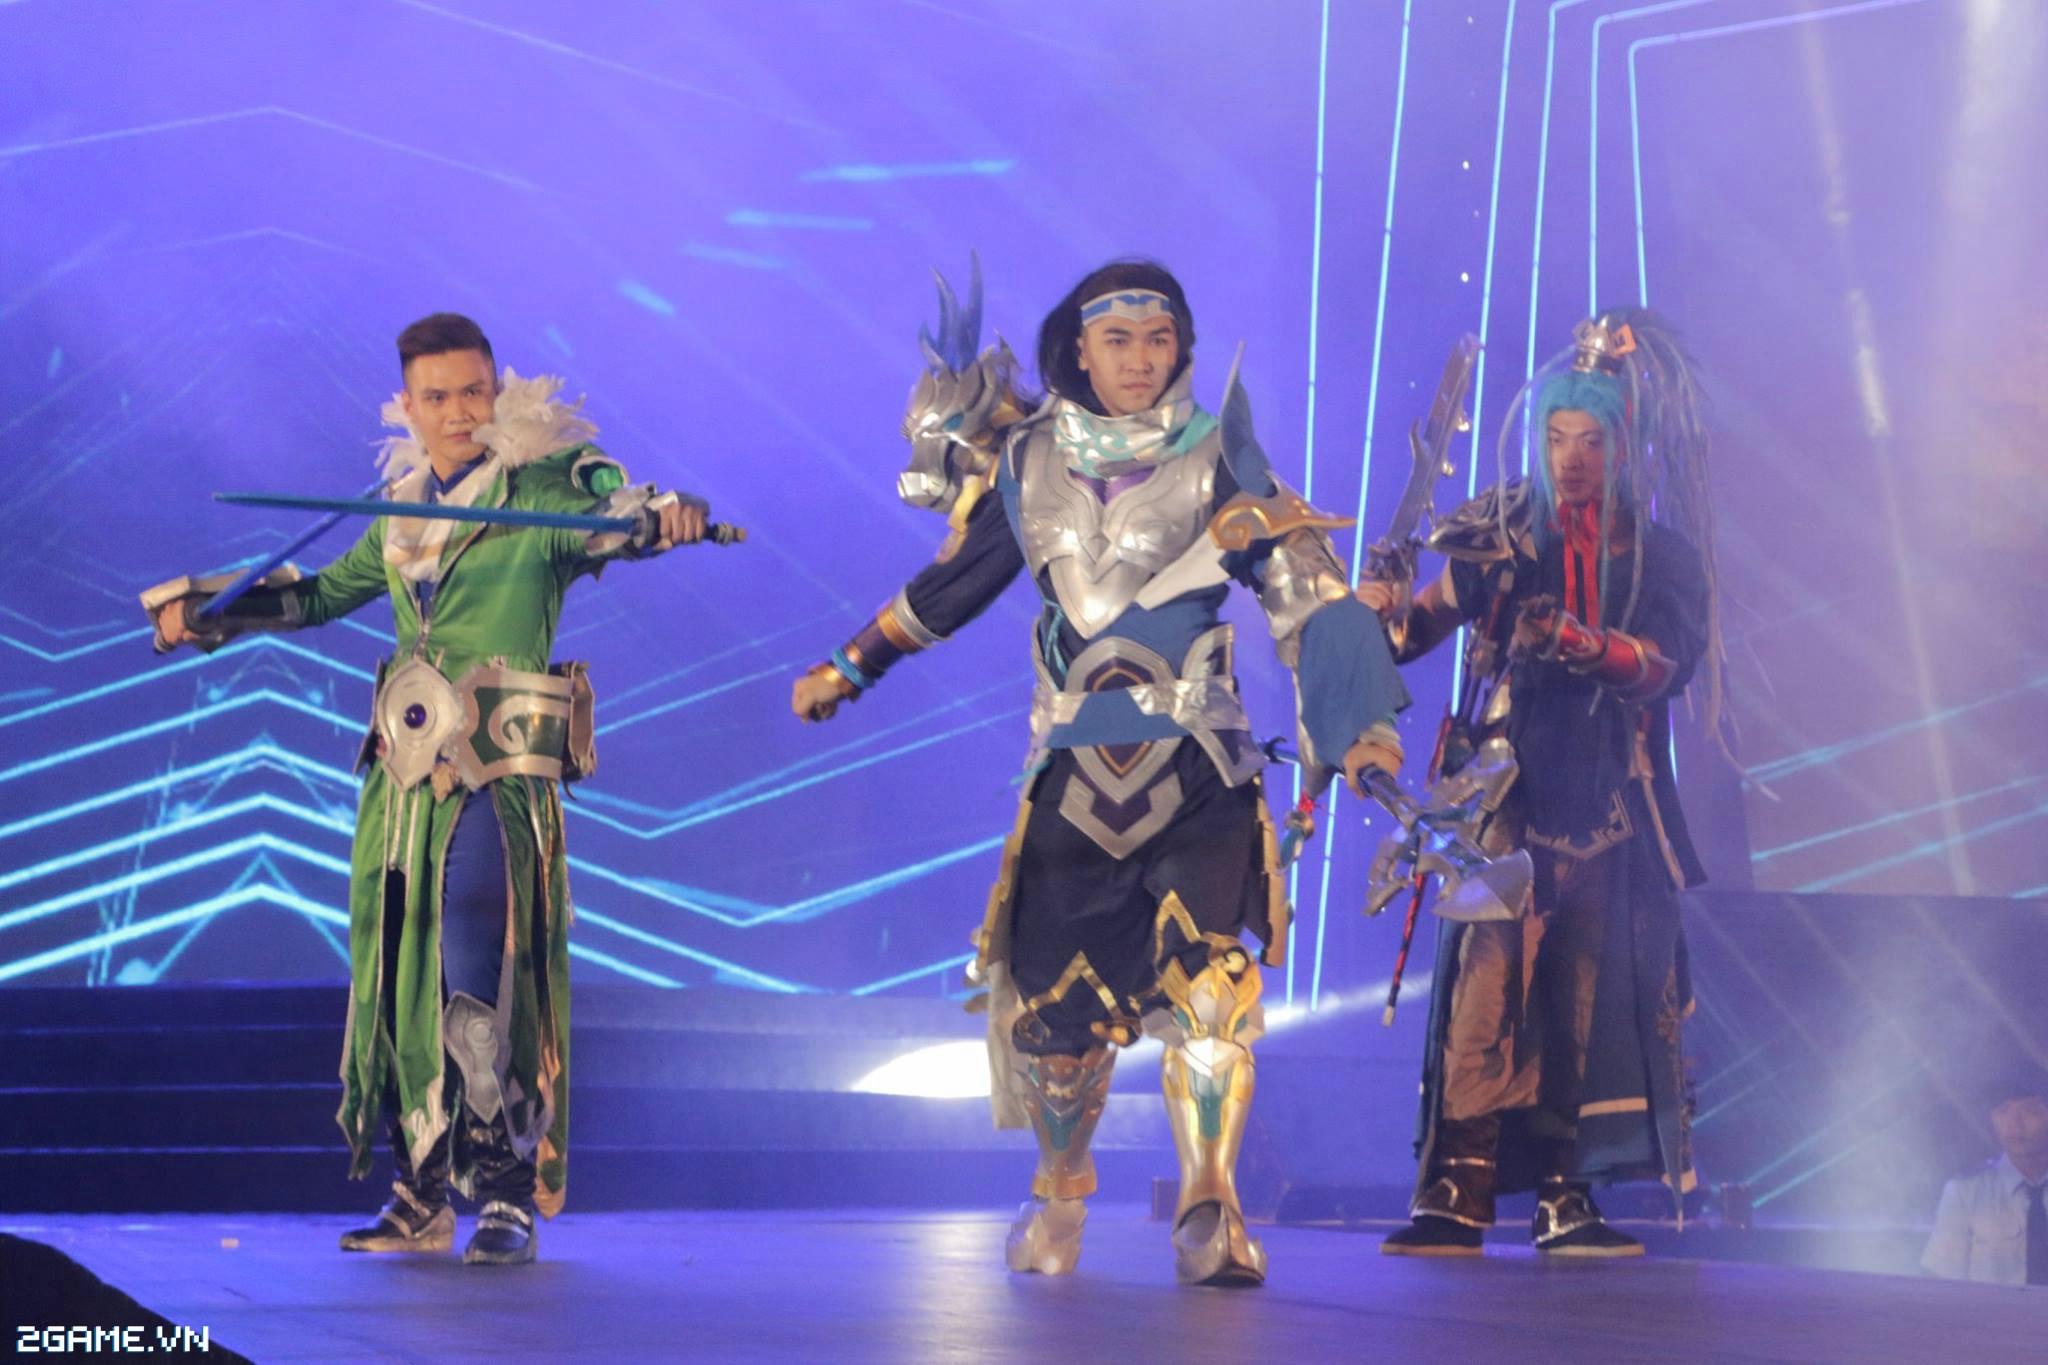 Điểm mặt các cosplay game xuất hiện tại Đại Hội 360mobi 2016 18